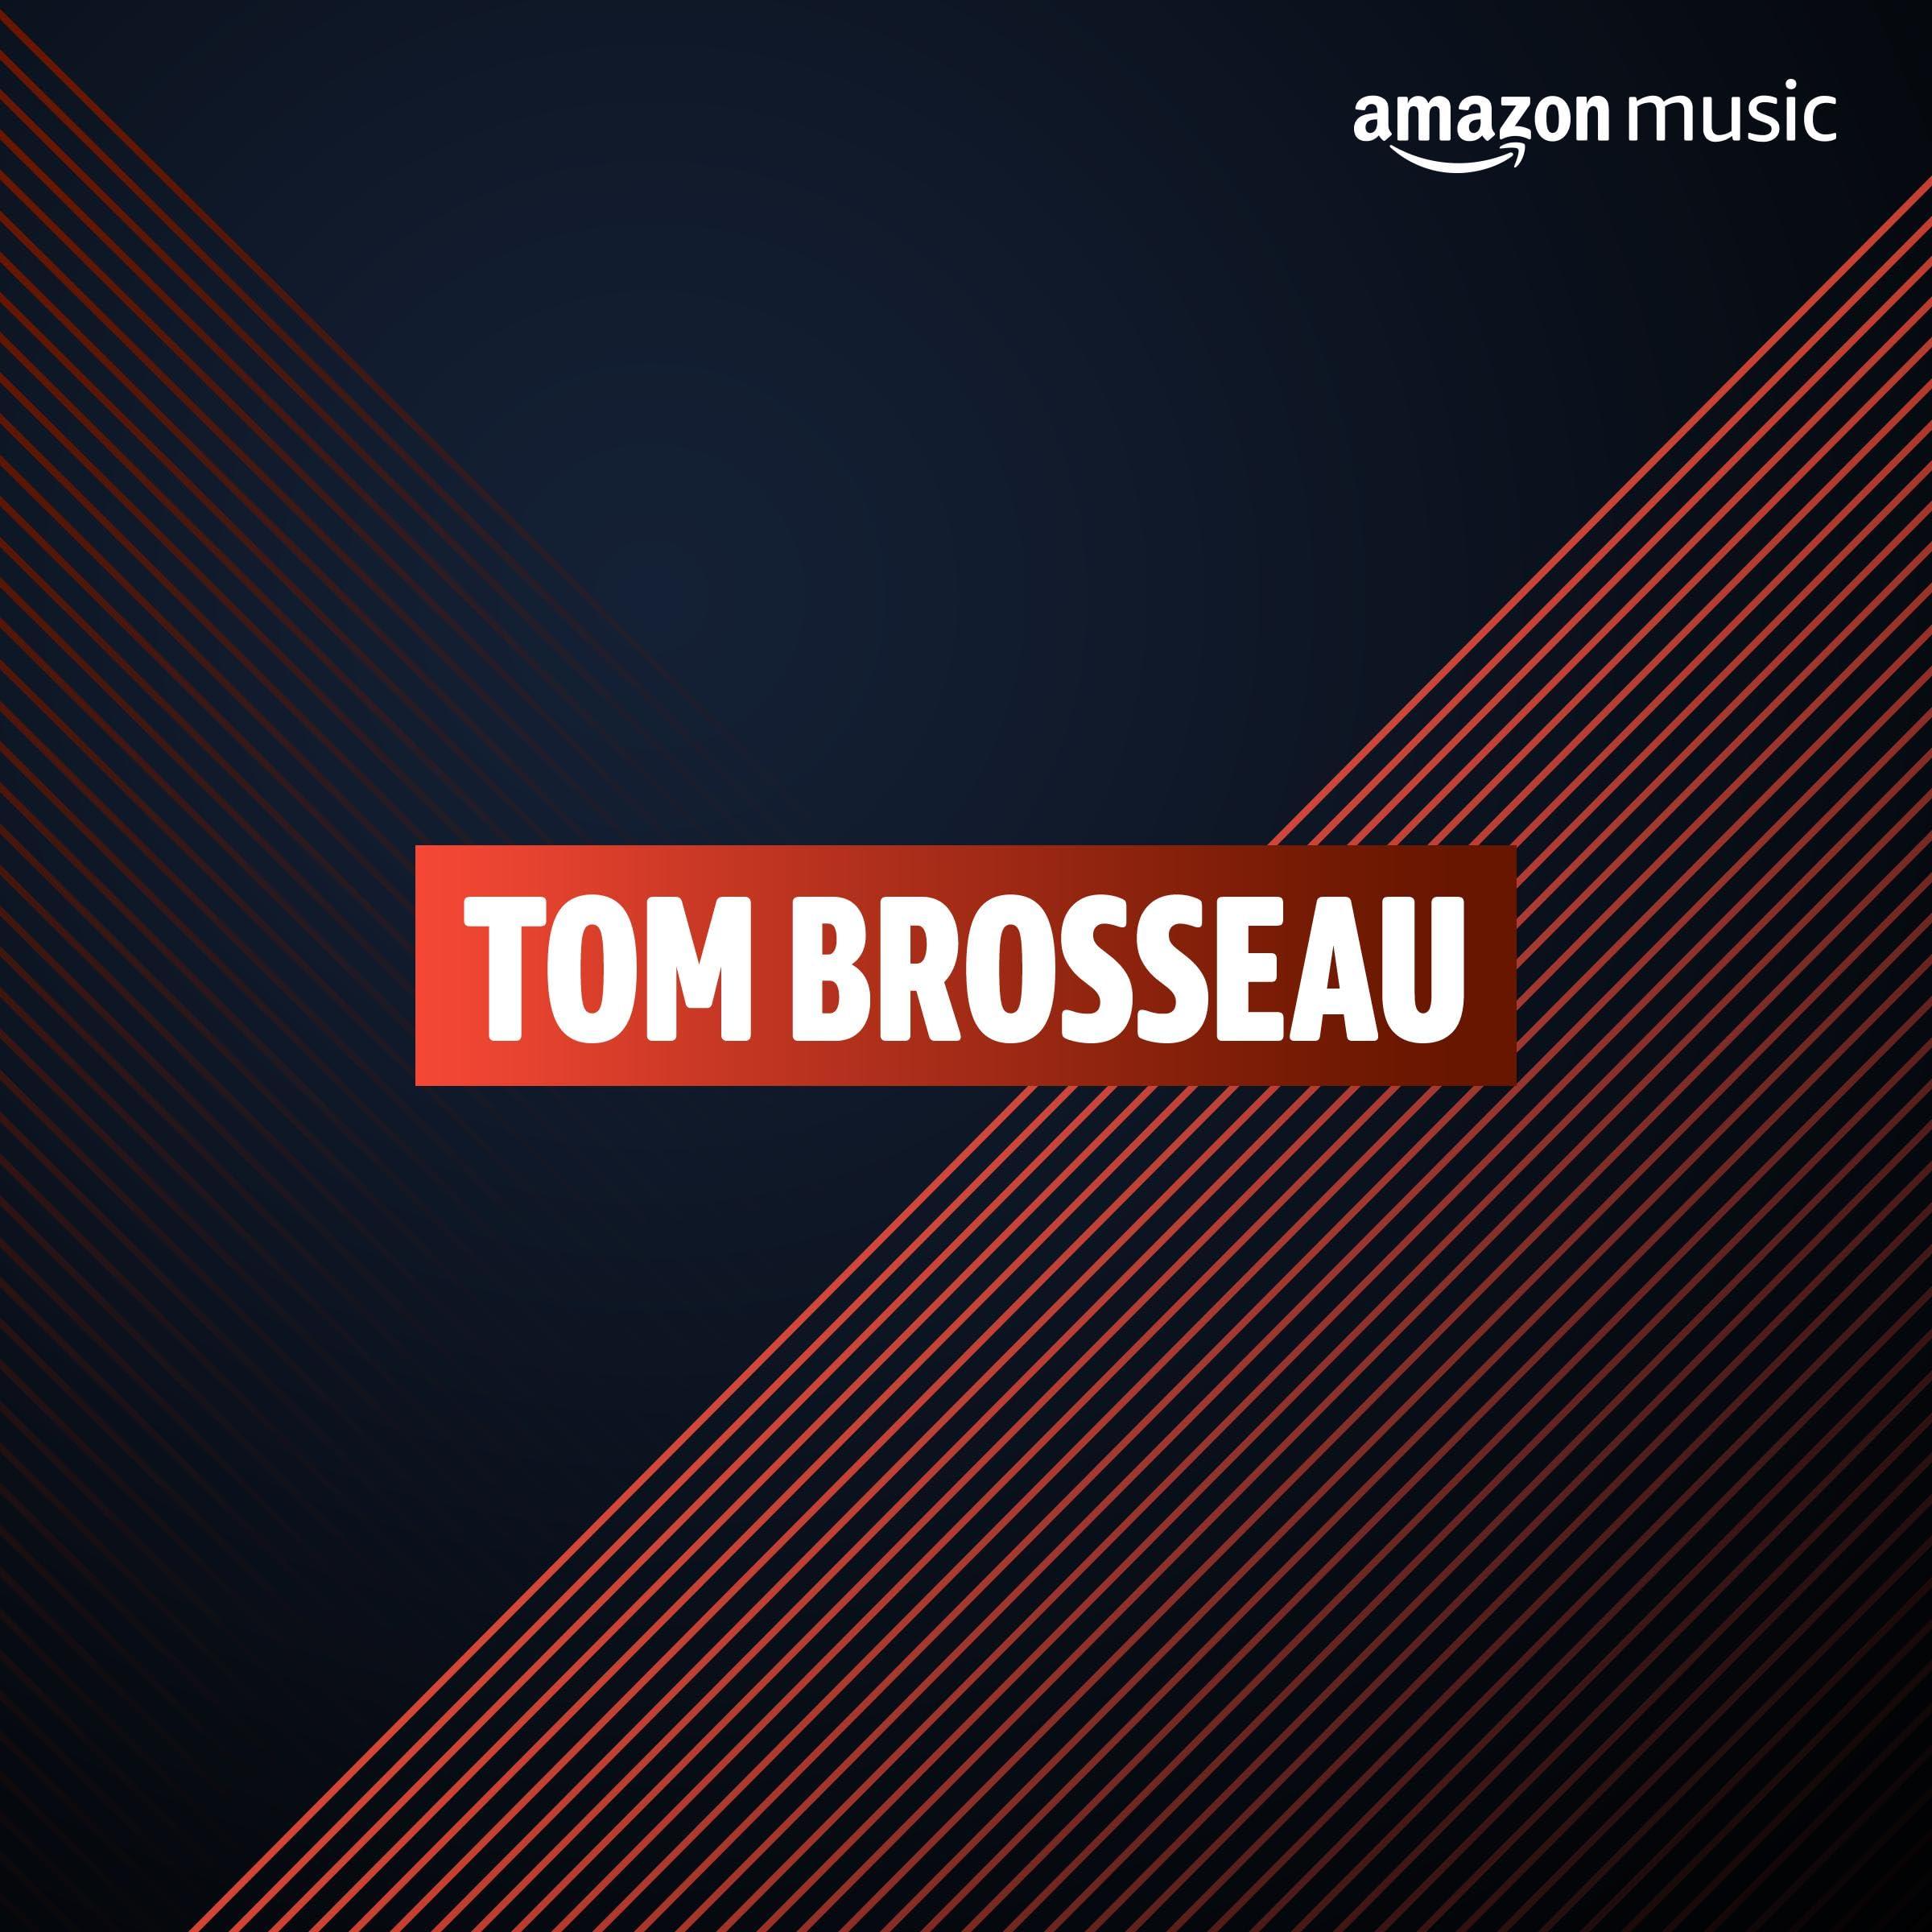 Tom Brosseau